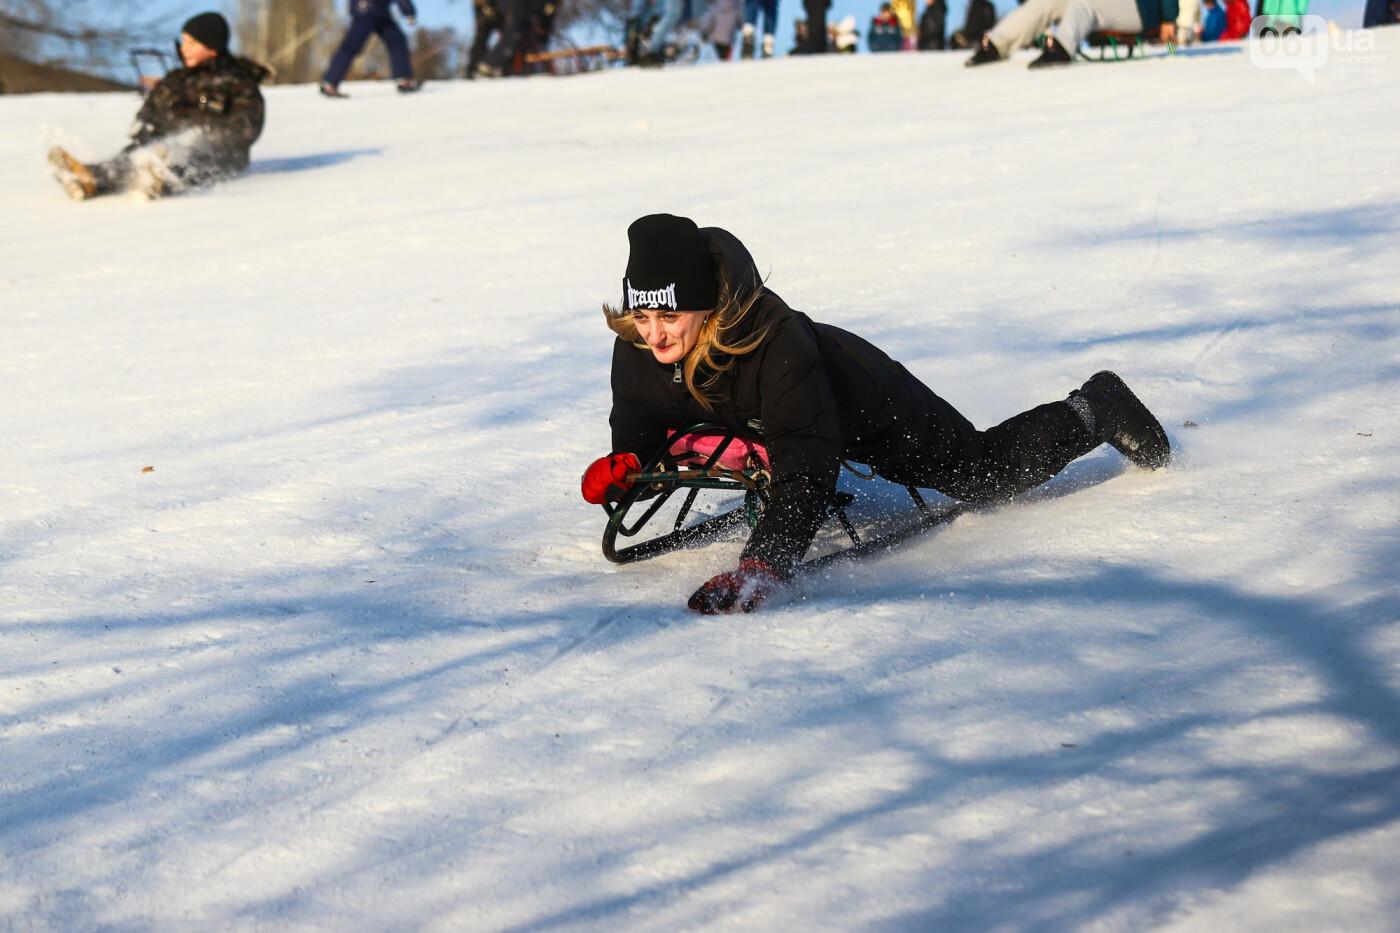 На санках, лыжах и сноуборде: запорожцы устроили массовое катание с горок в Вознесеновском парке, - ФОТОРЕПОРТАЖ, фото-39